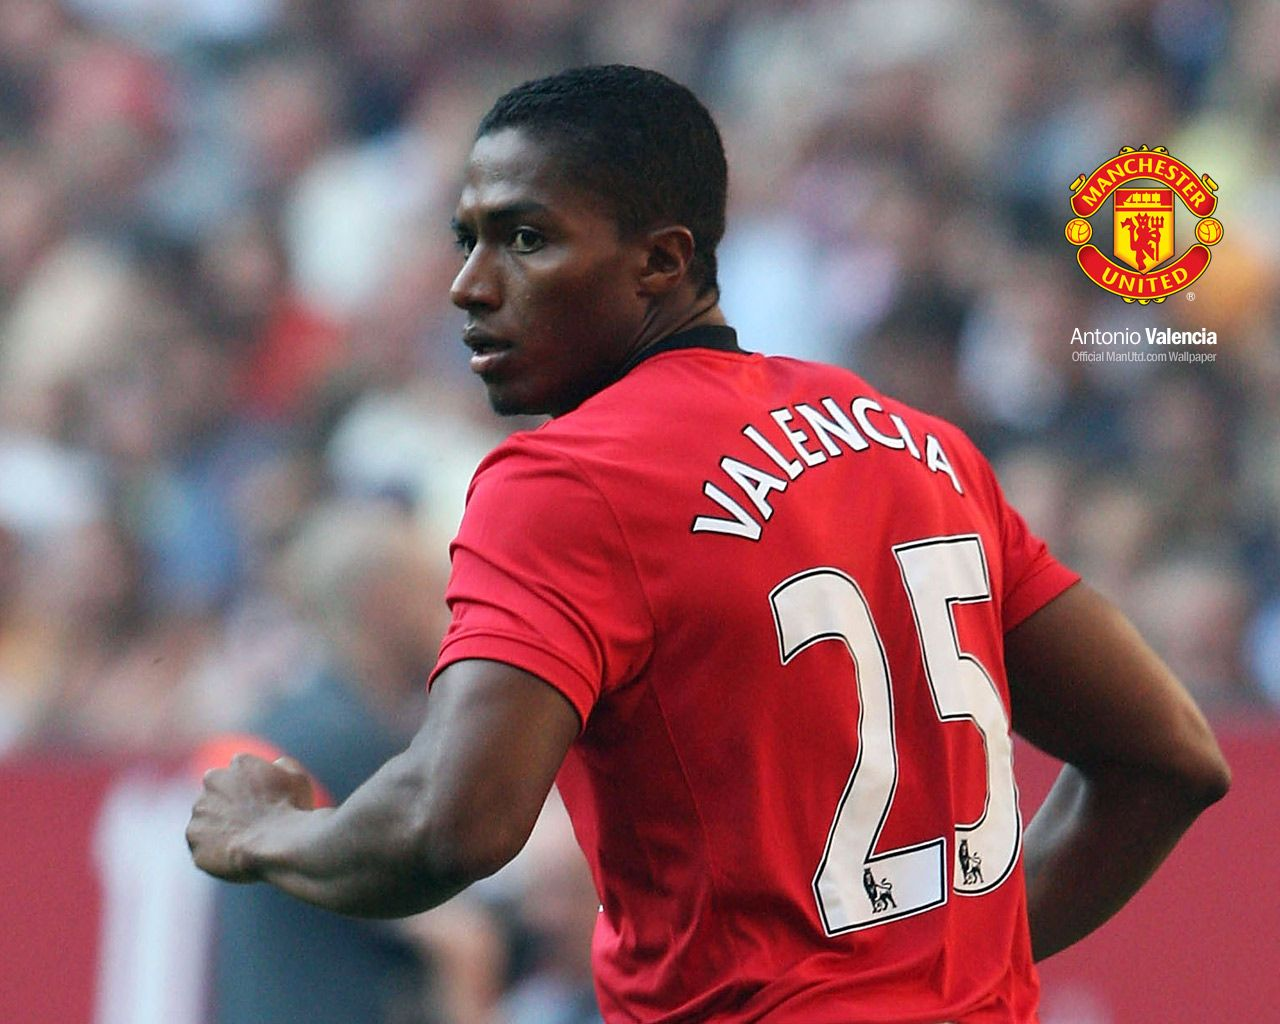 16f293e3a Antonio Valencia recuerda su llegada al Manchester United